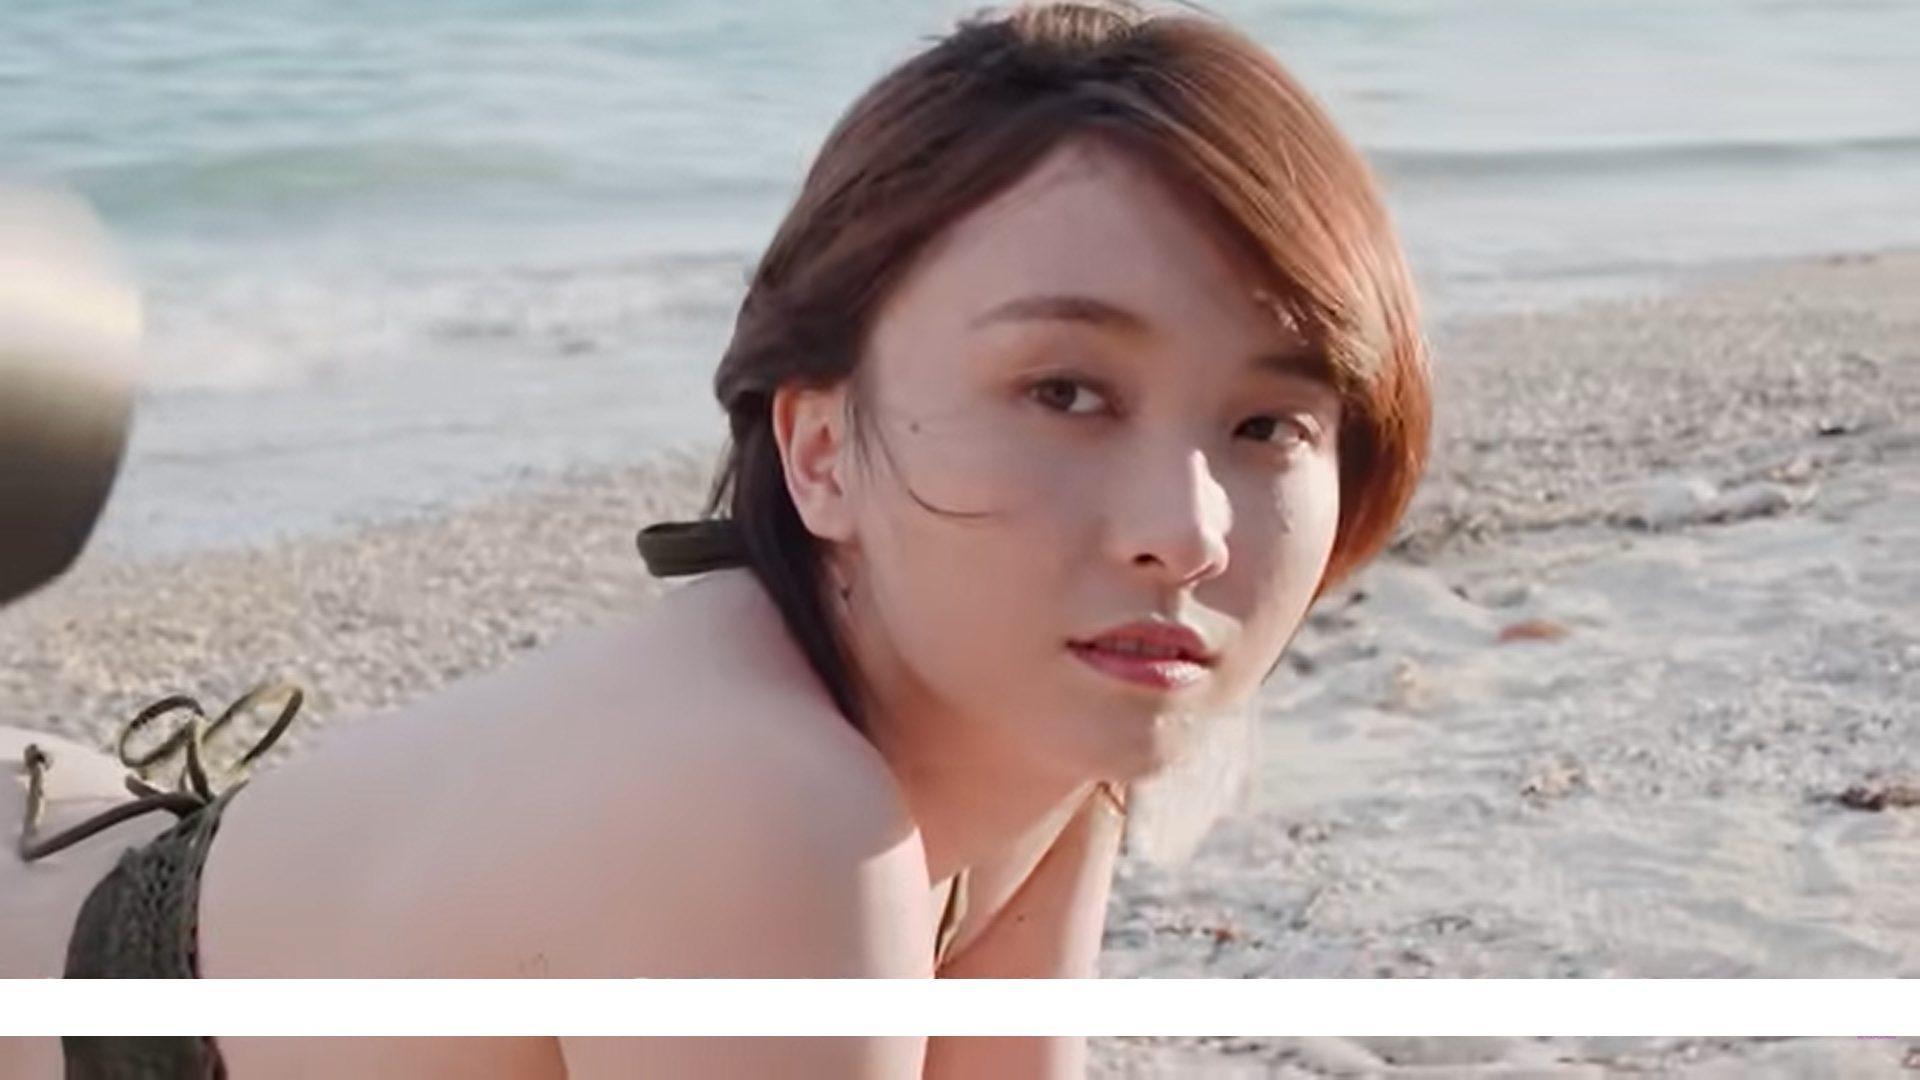 【高瀬くるみ】-カップ ファースト写真集「くるみイロ」発売決定!水着姿を披露!